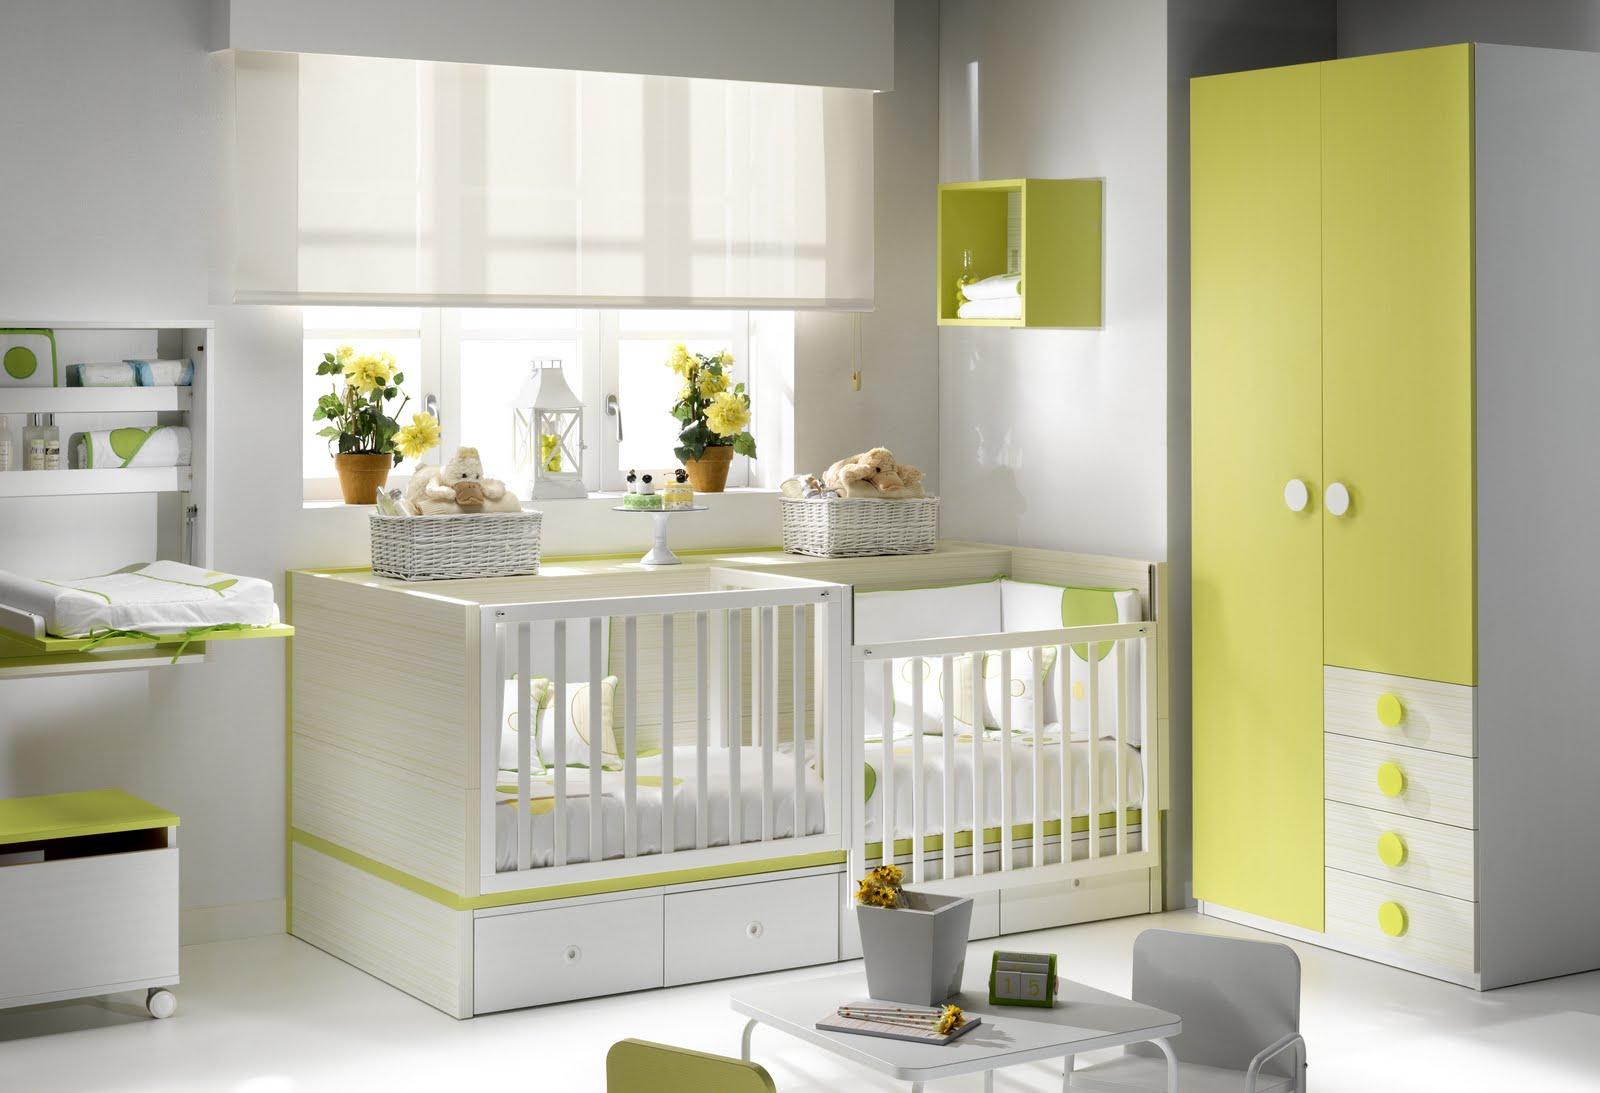 Lujoso Muebles Armoiresmore Regalo - Muebles Para Ideas de Diseño de ...